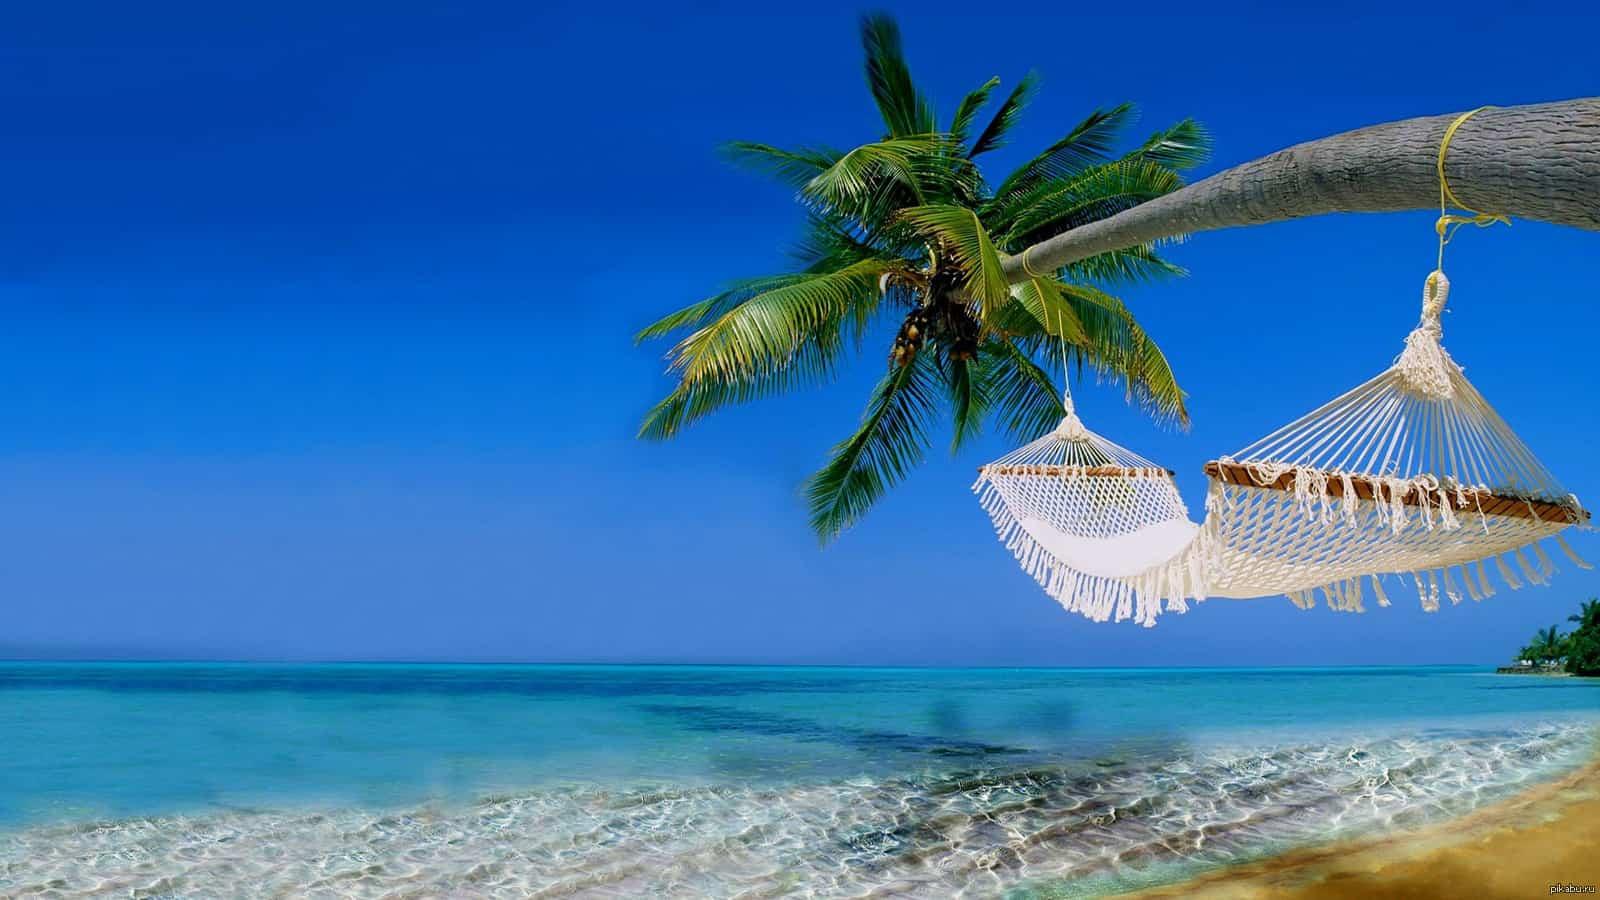 Photo of Где отдохнуть этим летом Где отдохнуть этим летом Где отдохнуть этим летом 1427016935 438550143